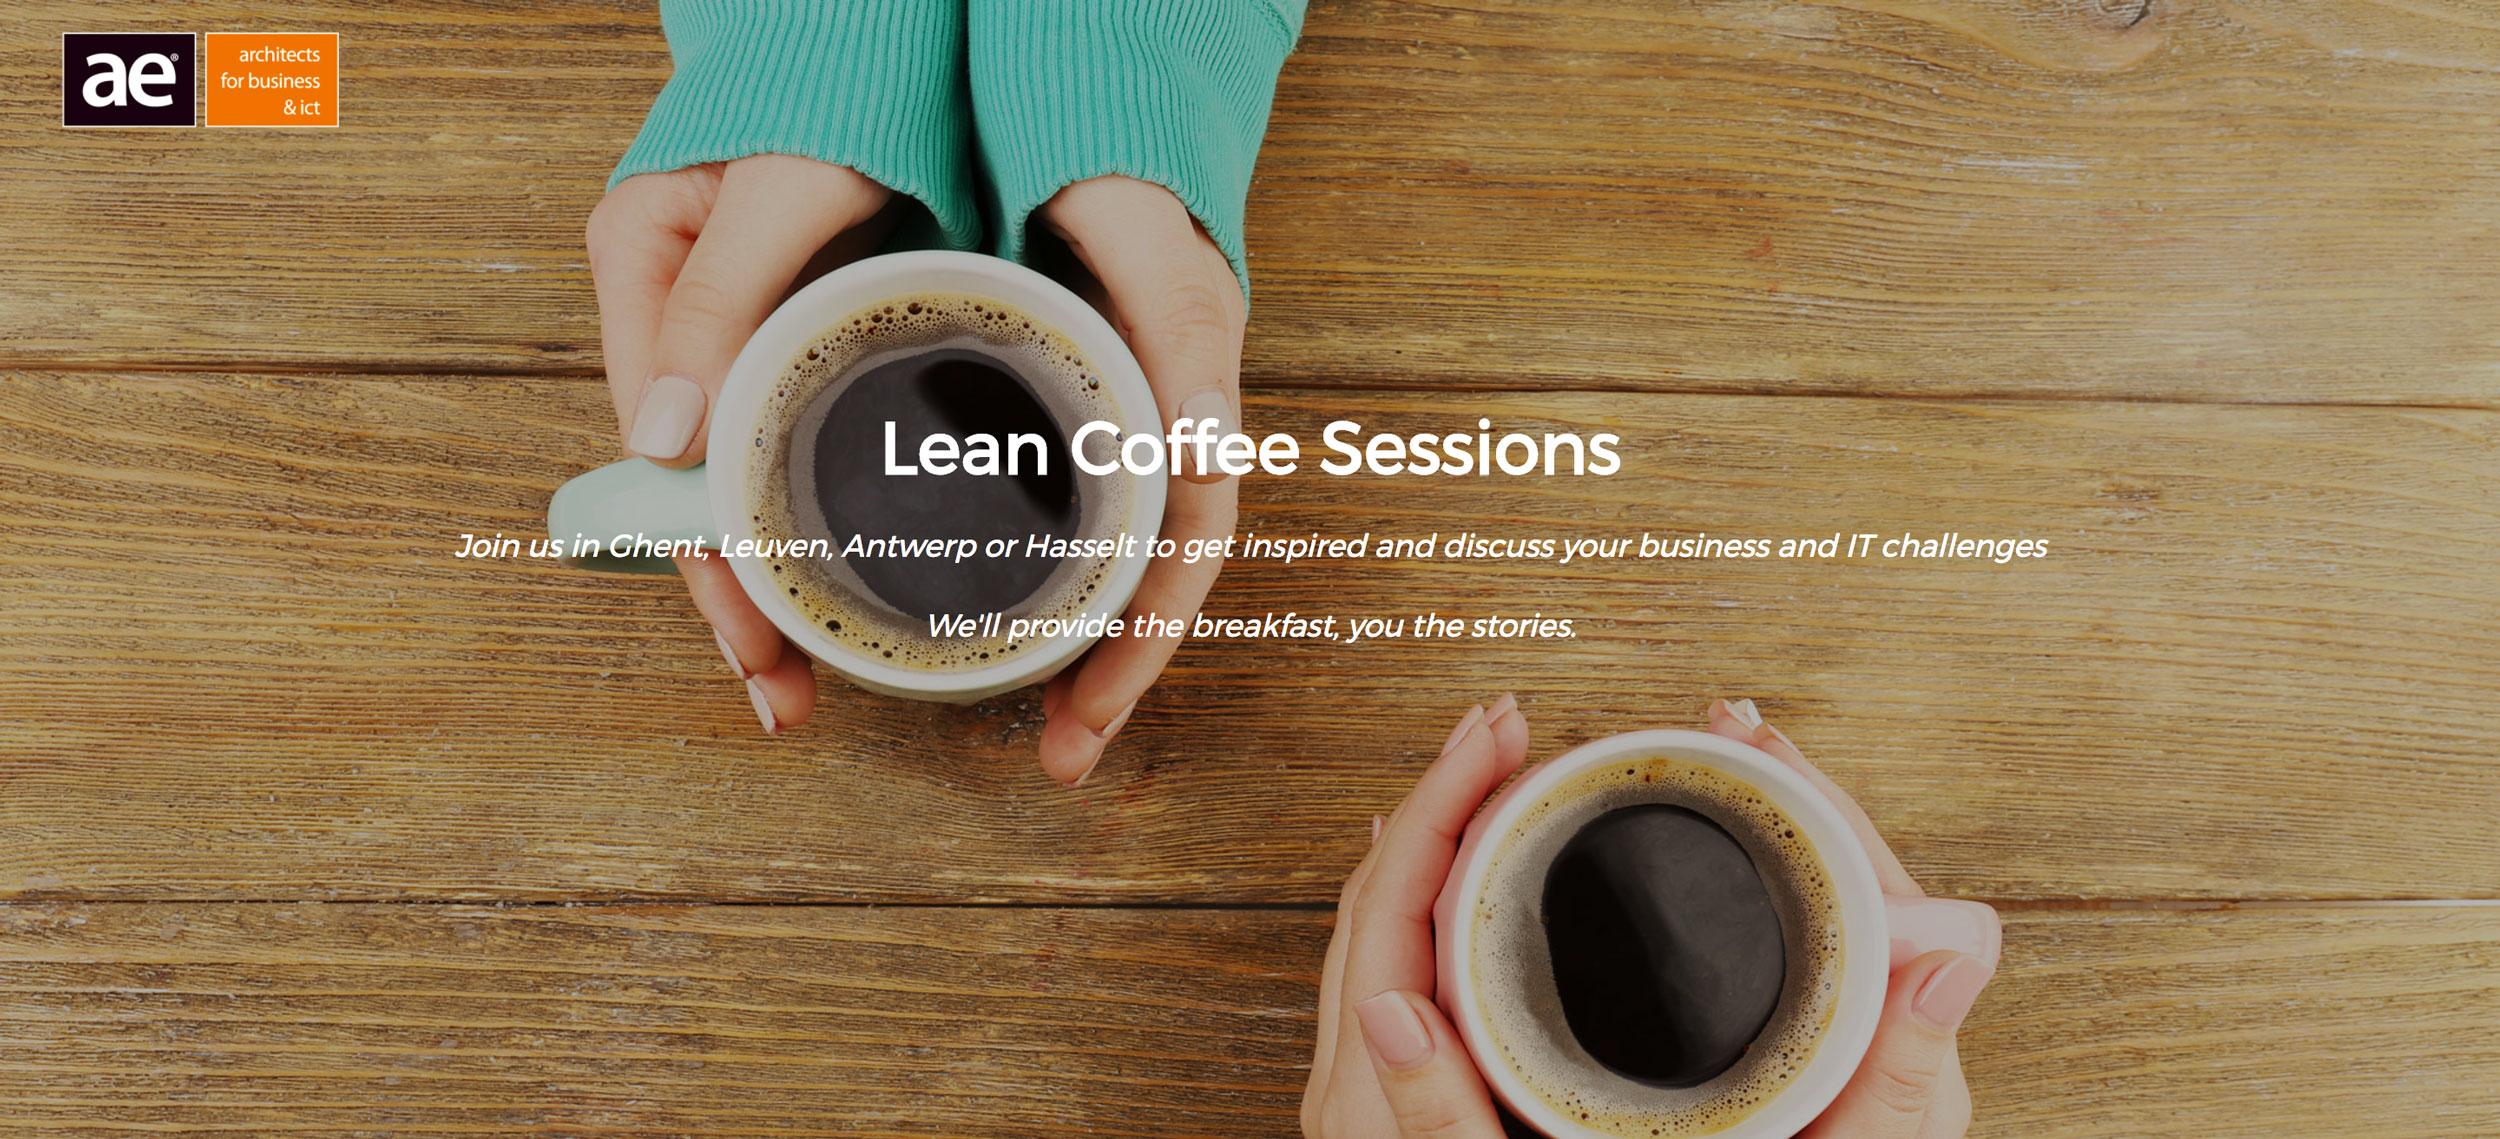 Lean-Coffee.jpg